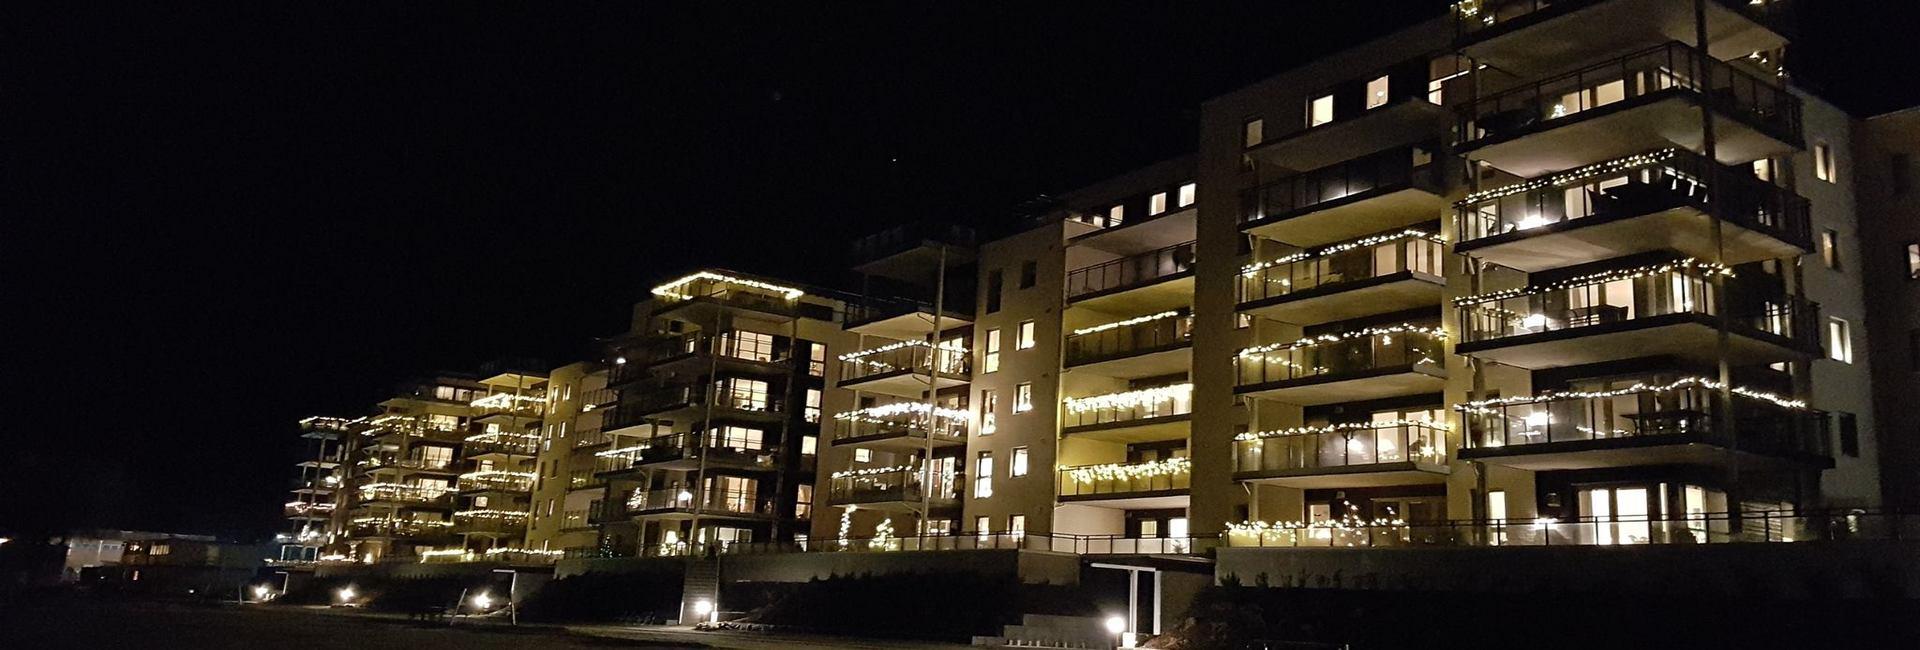 by night 3.jpg